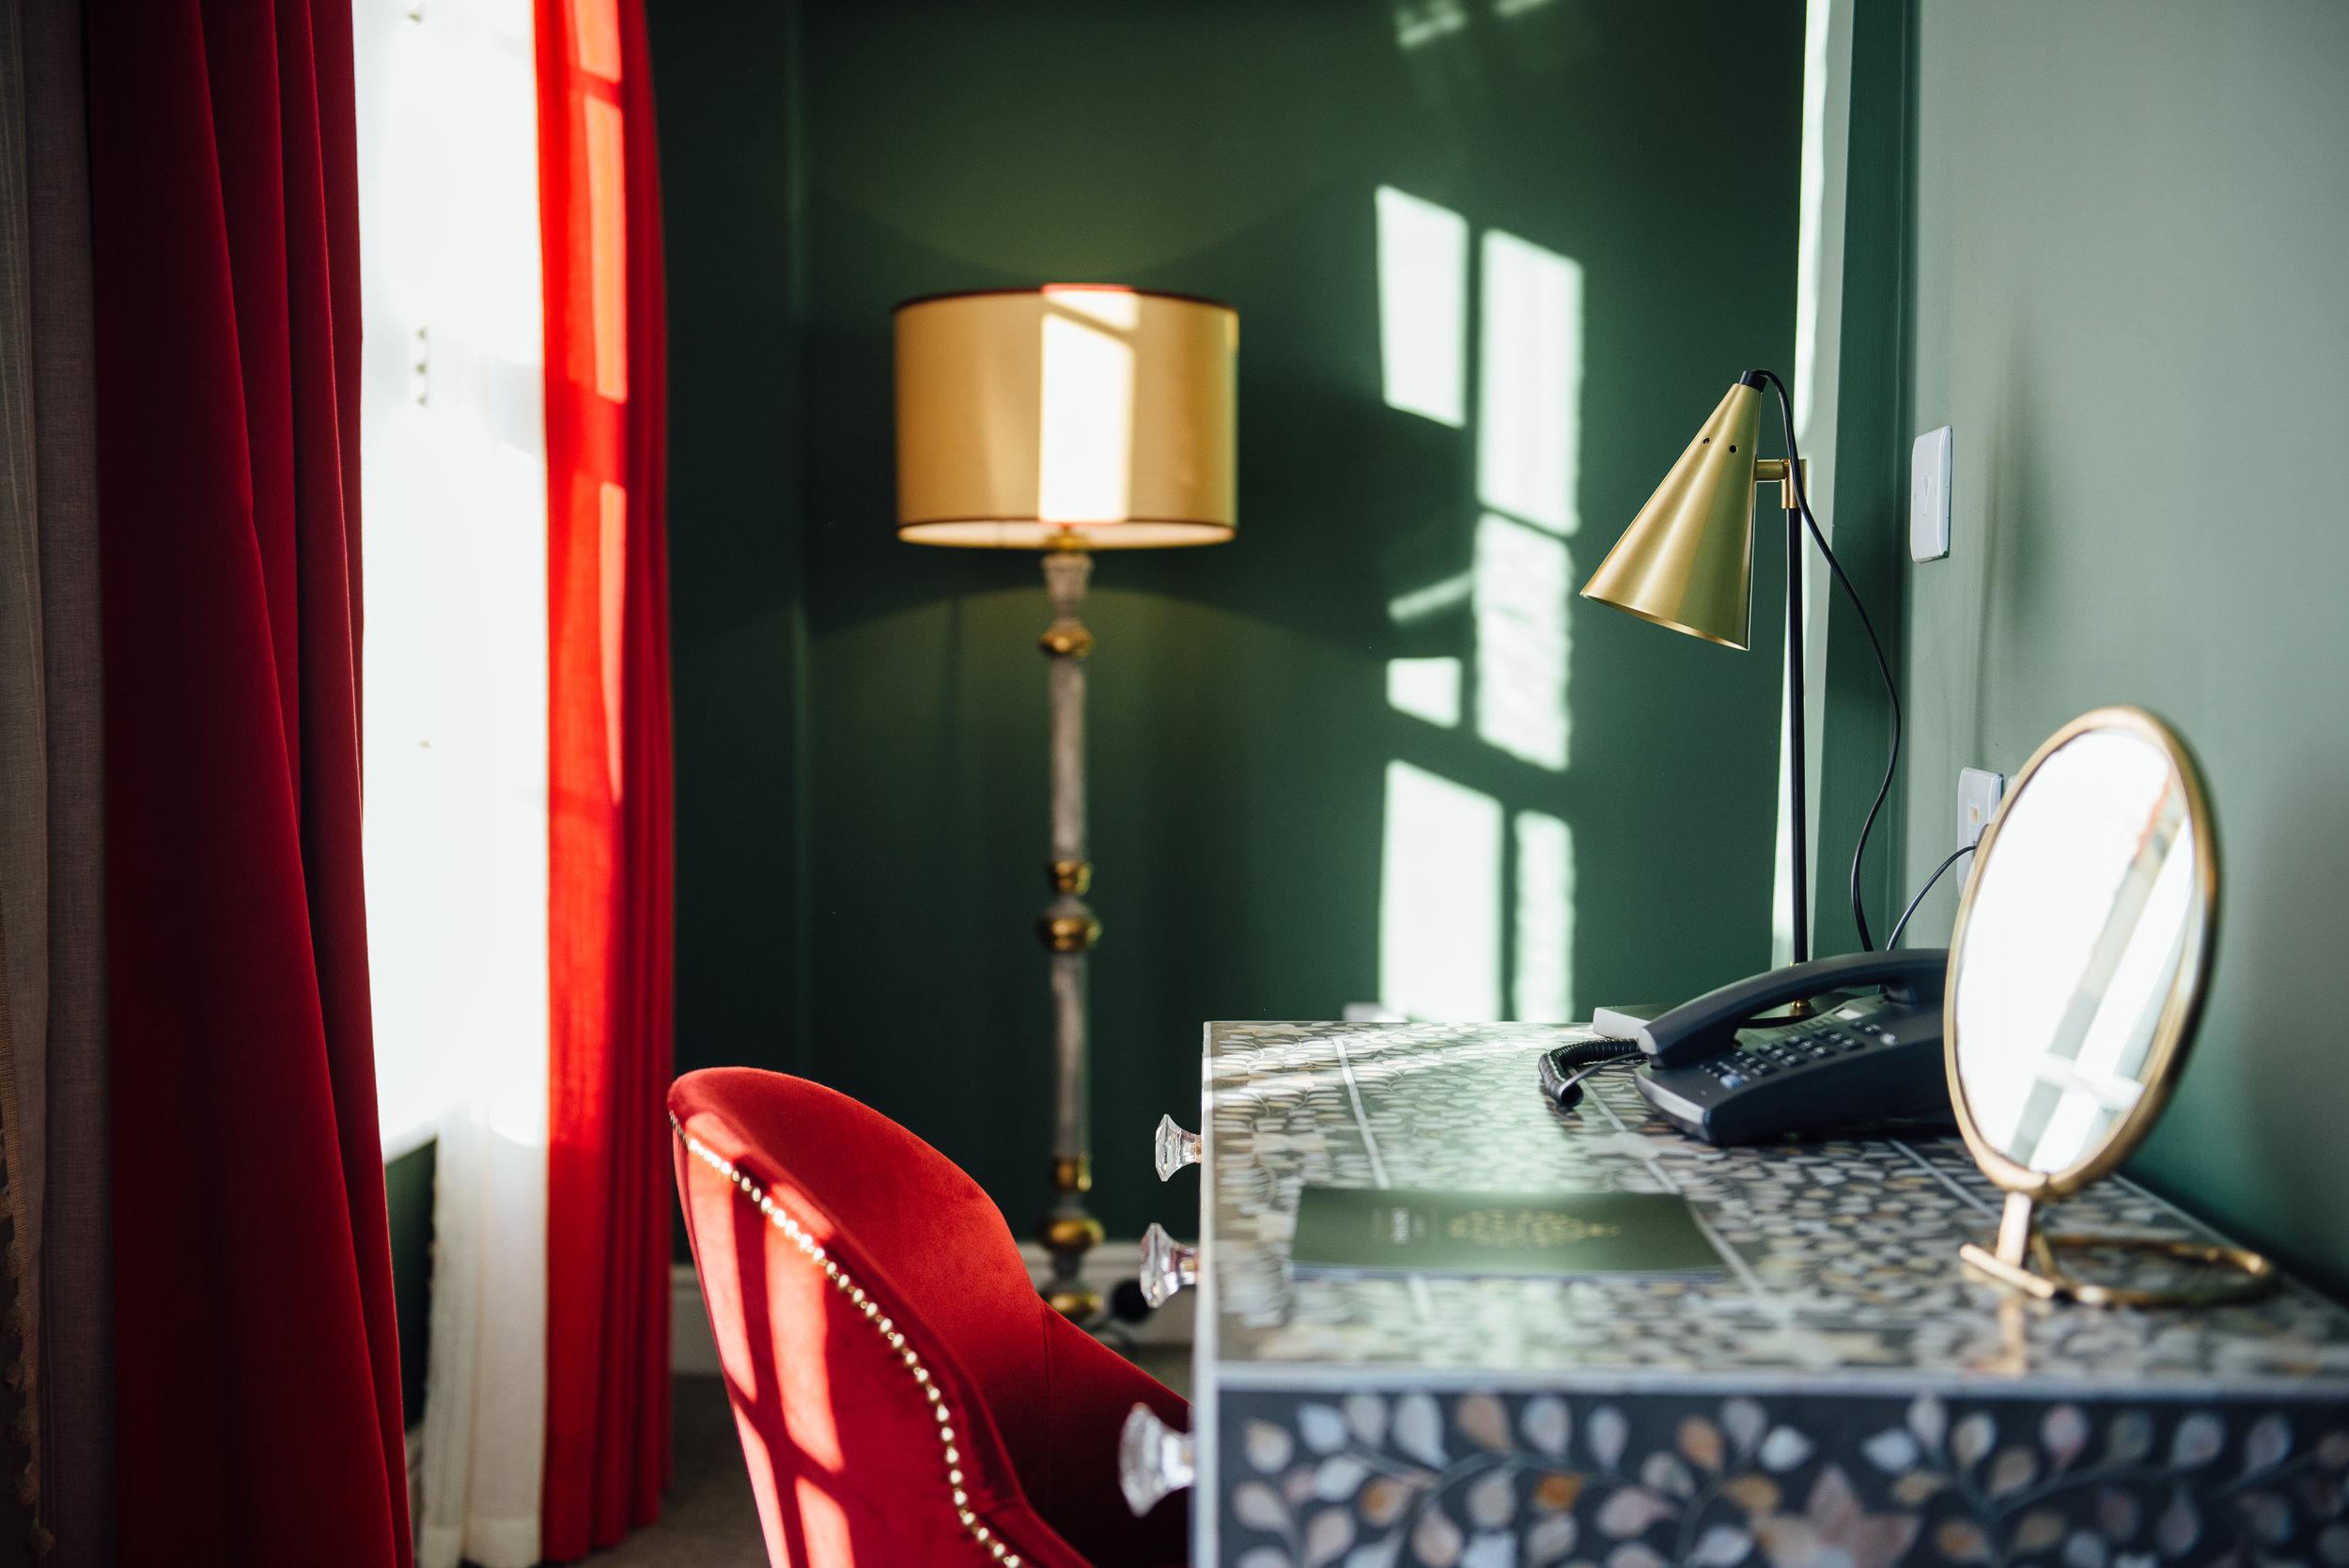 Banyers_House_2016_Hotel_91 web.jpg